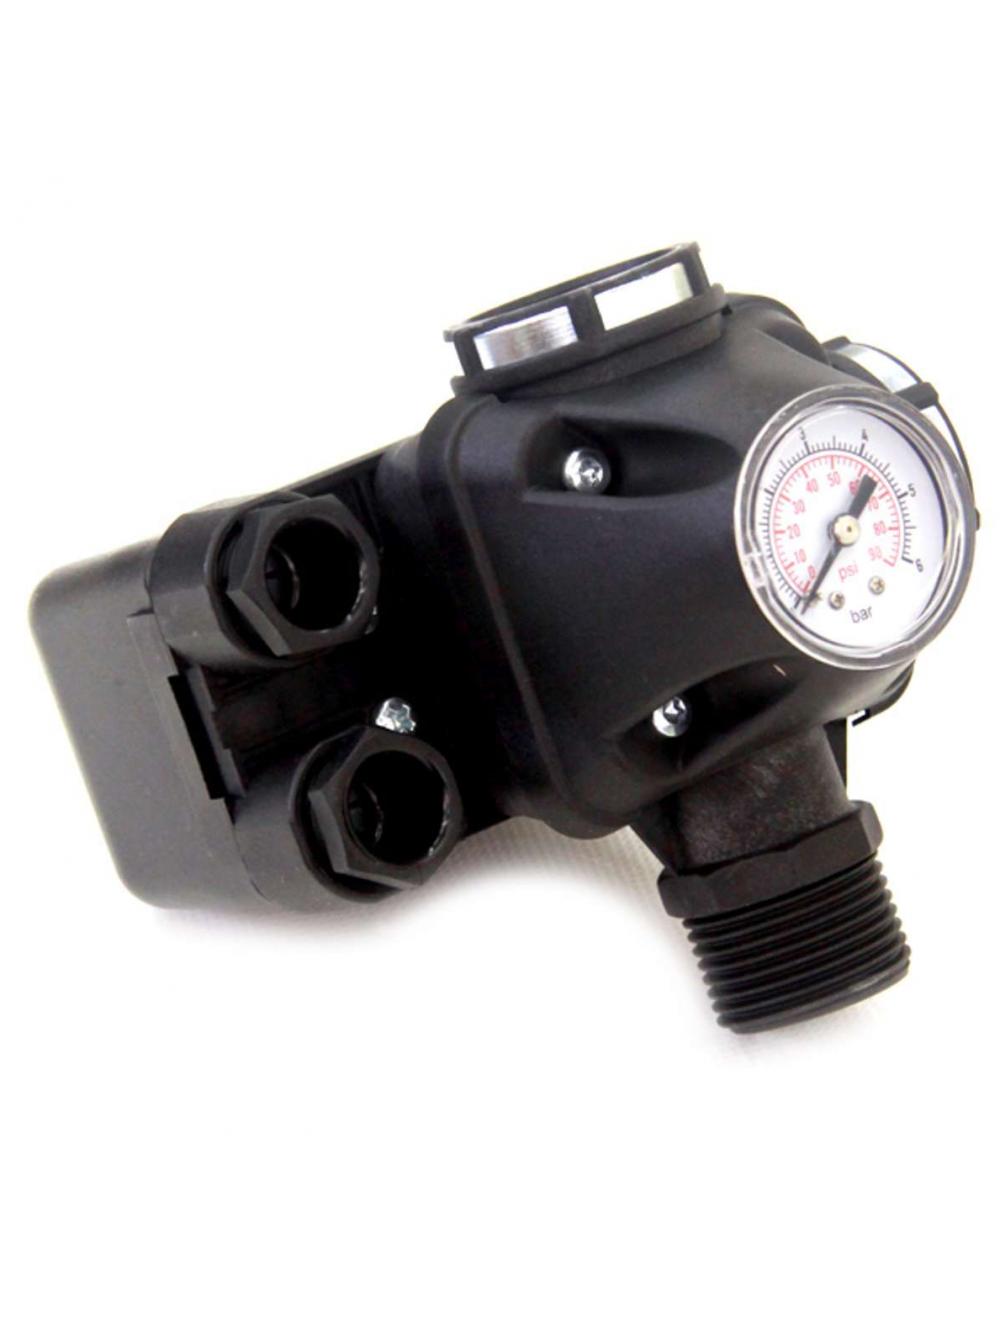 Реле давления механическое Italtecnica Pm5G-3W цена